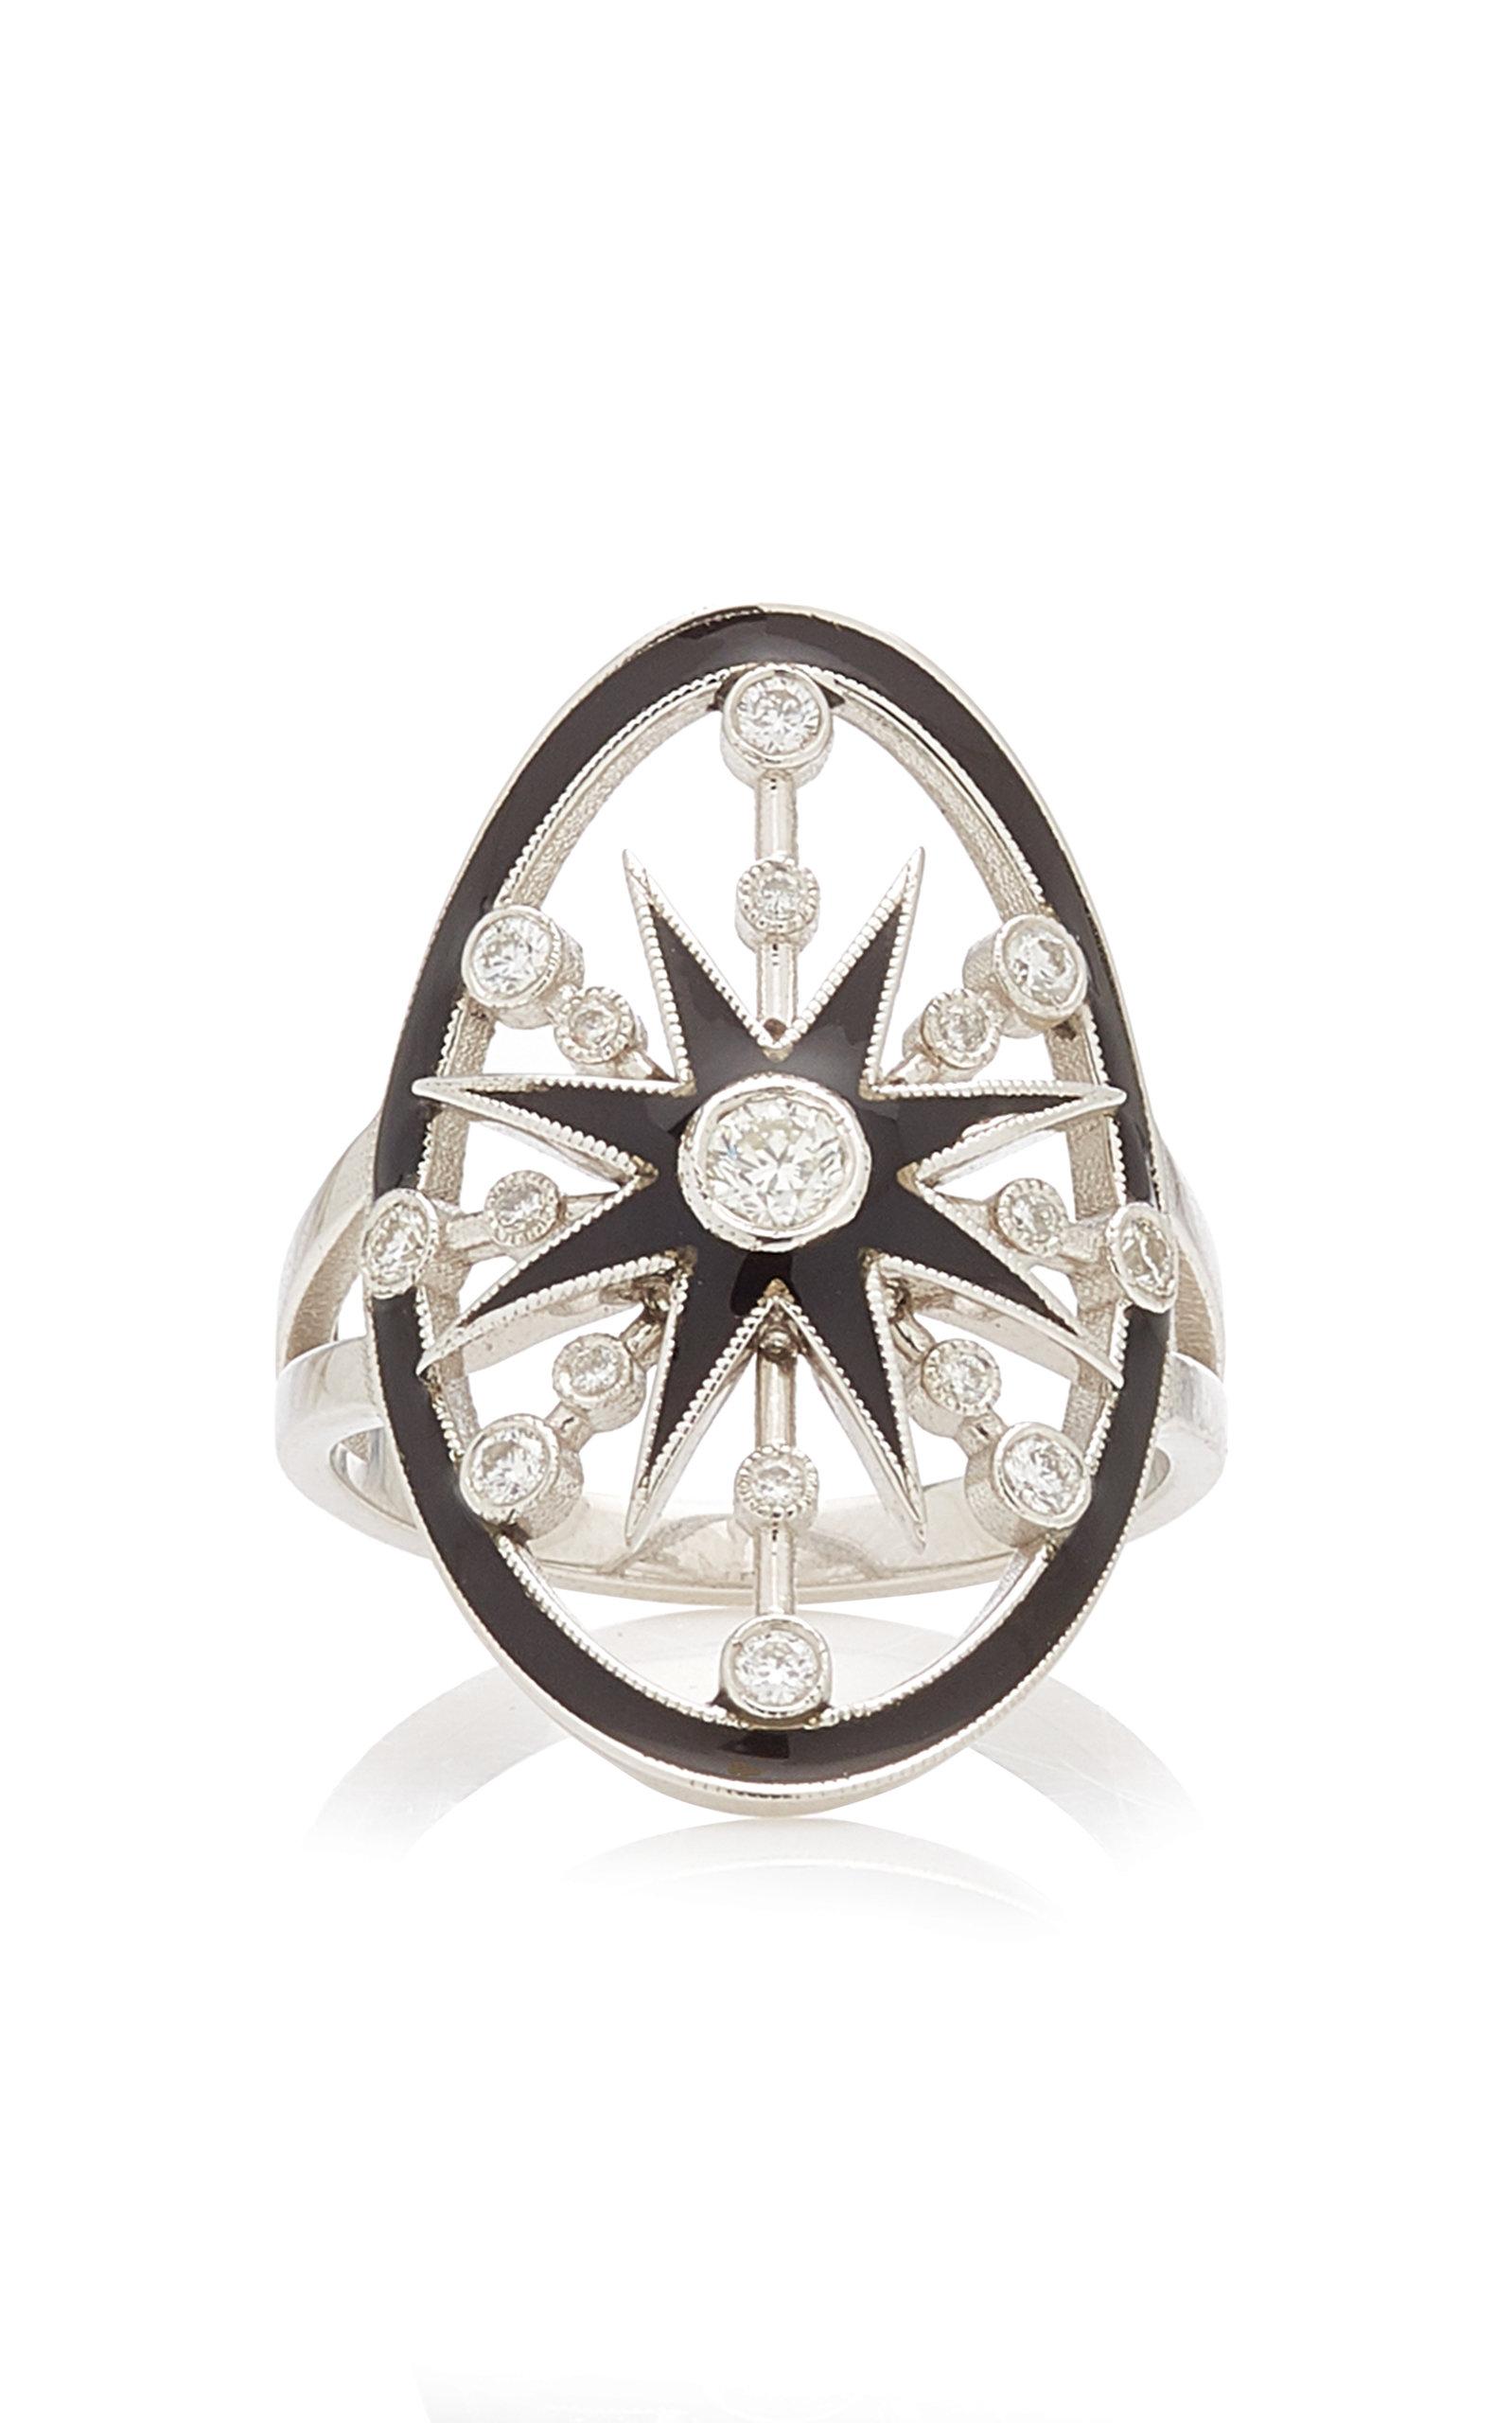 Women's Danvou Enameled 18K White Gold Diamond Ring